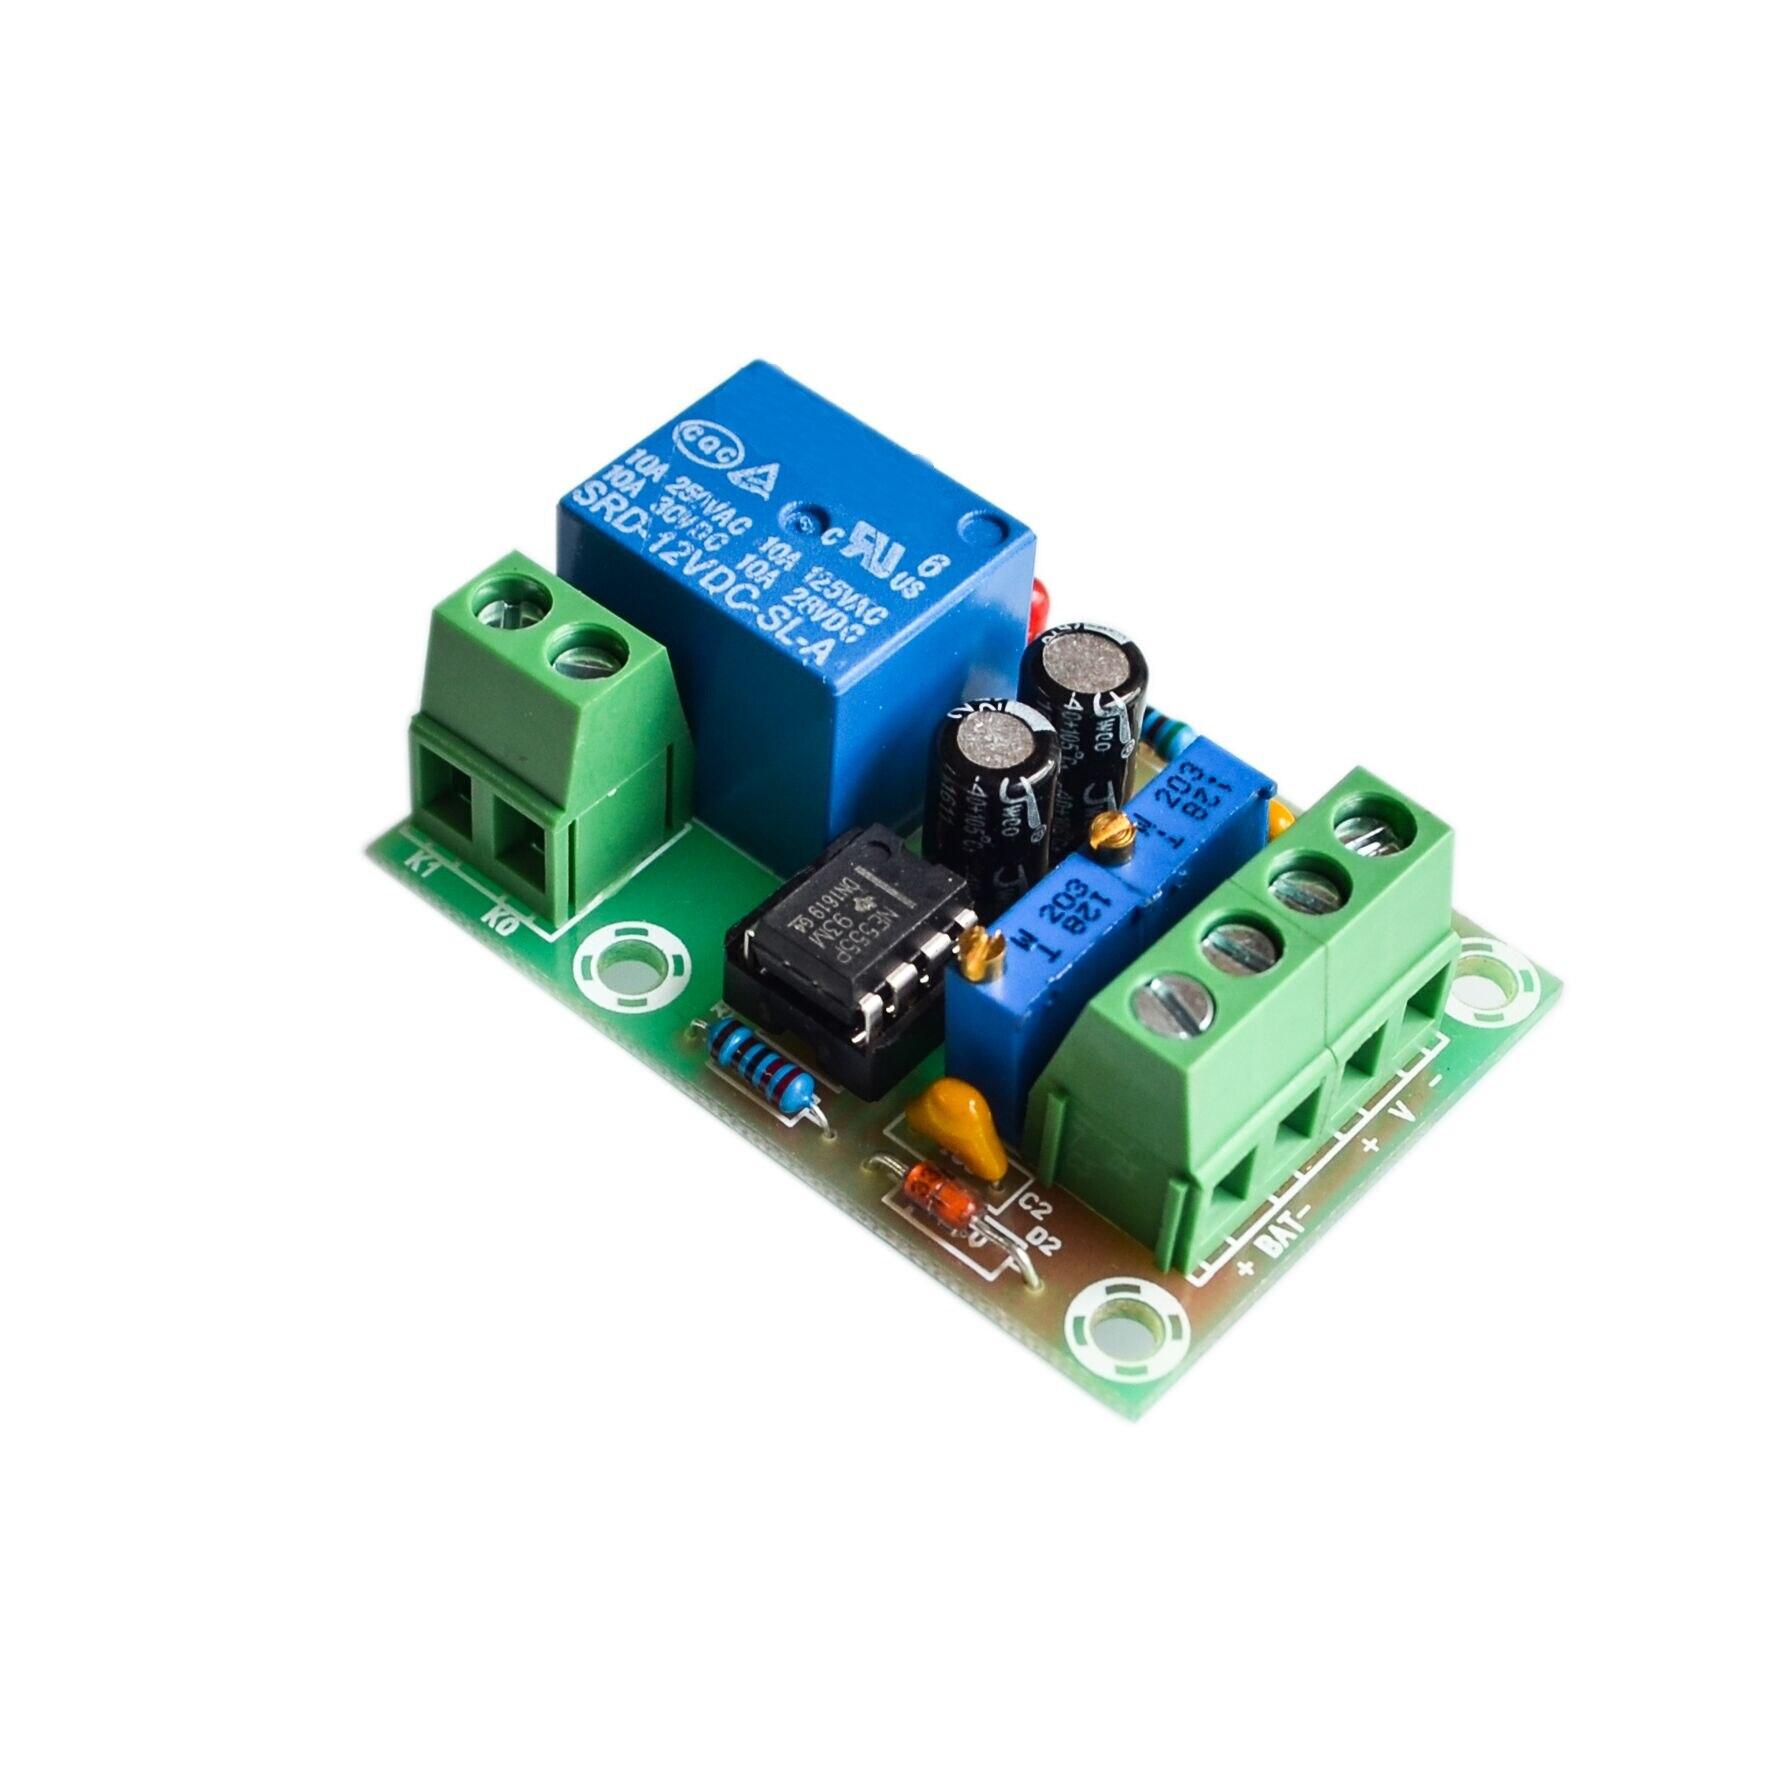 Умное зарядное устройство, панель управления мощностью 12 В, автоматическая зарядка